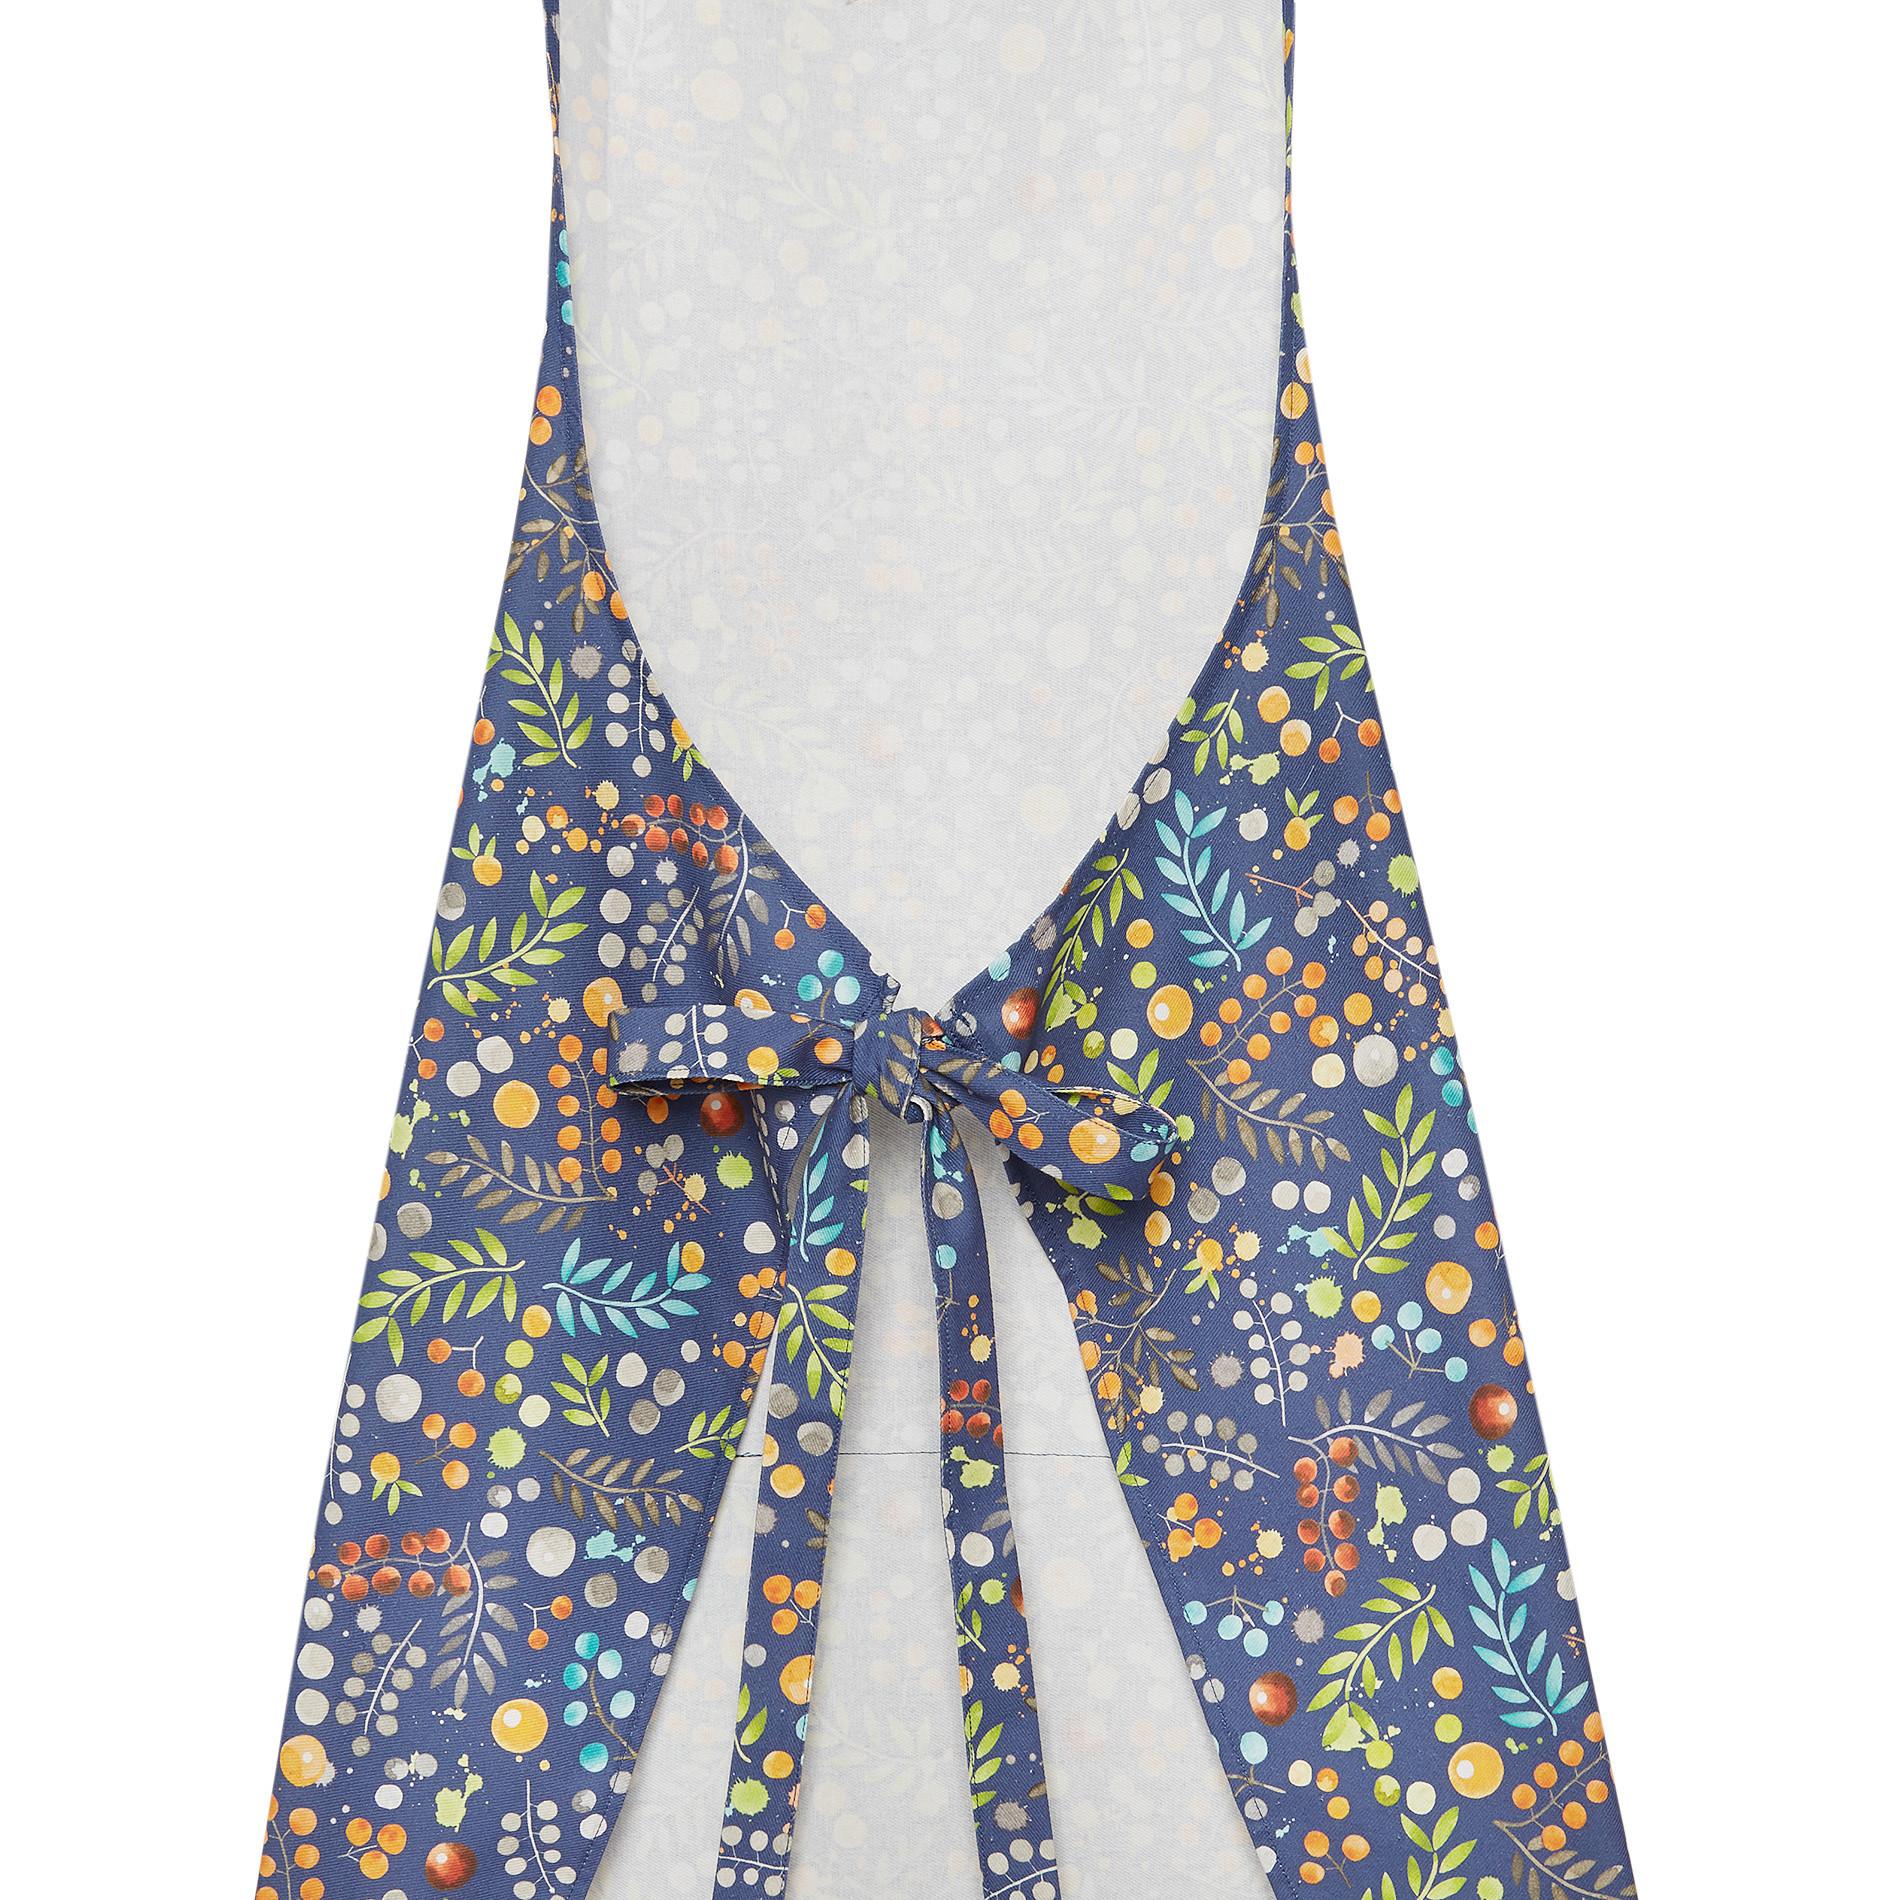 Grembiule da cucina twill di cotone stampa fiori, Blu, large image number 1